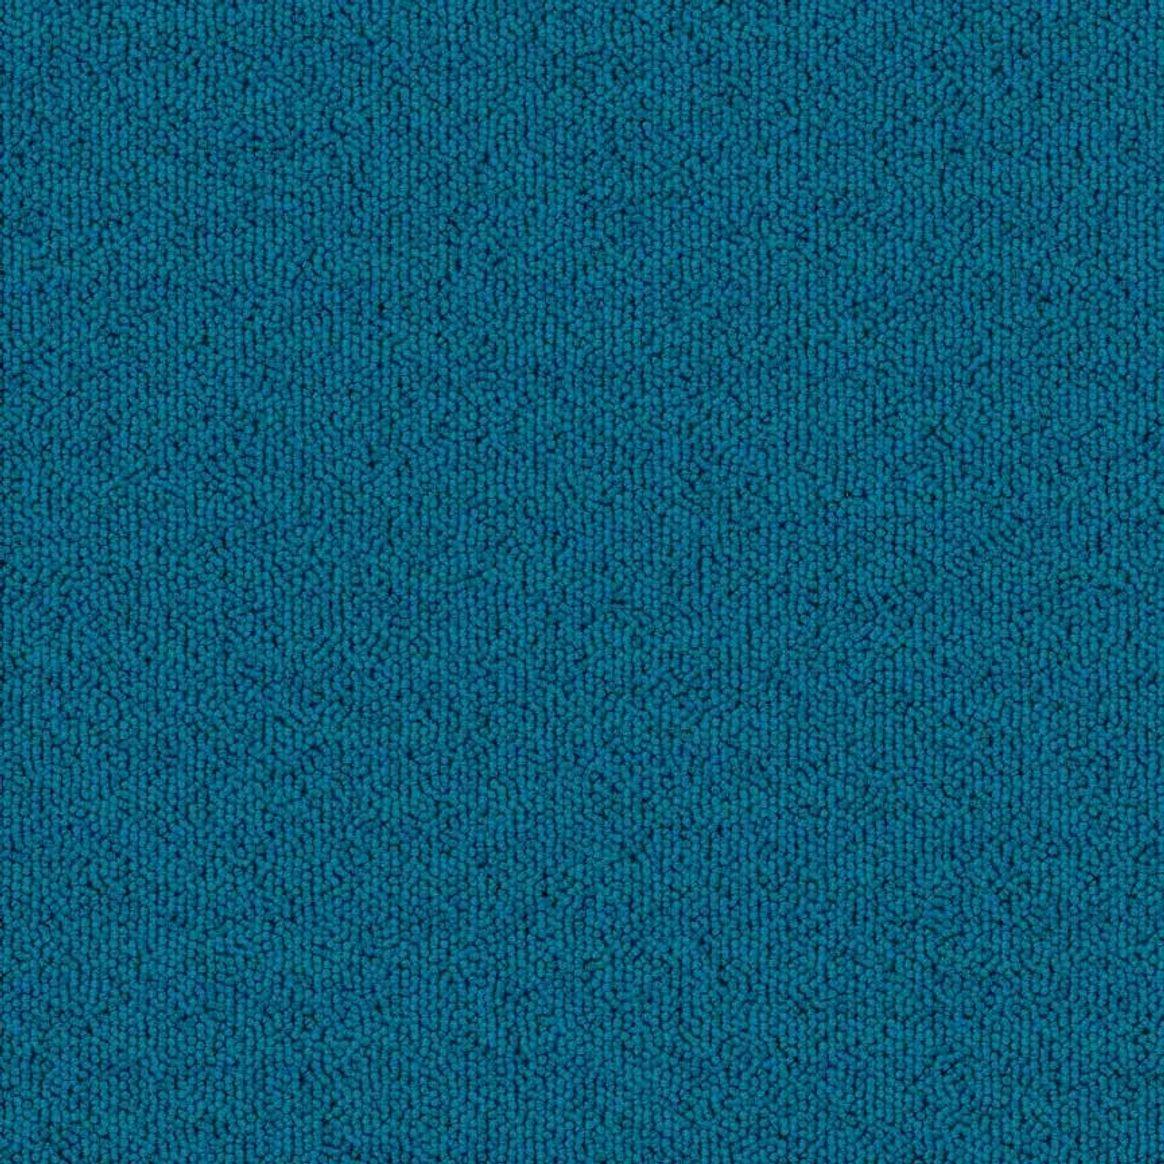 Aqua thumbnail